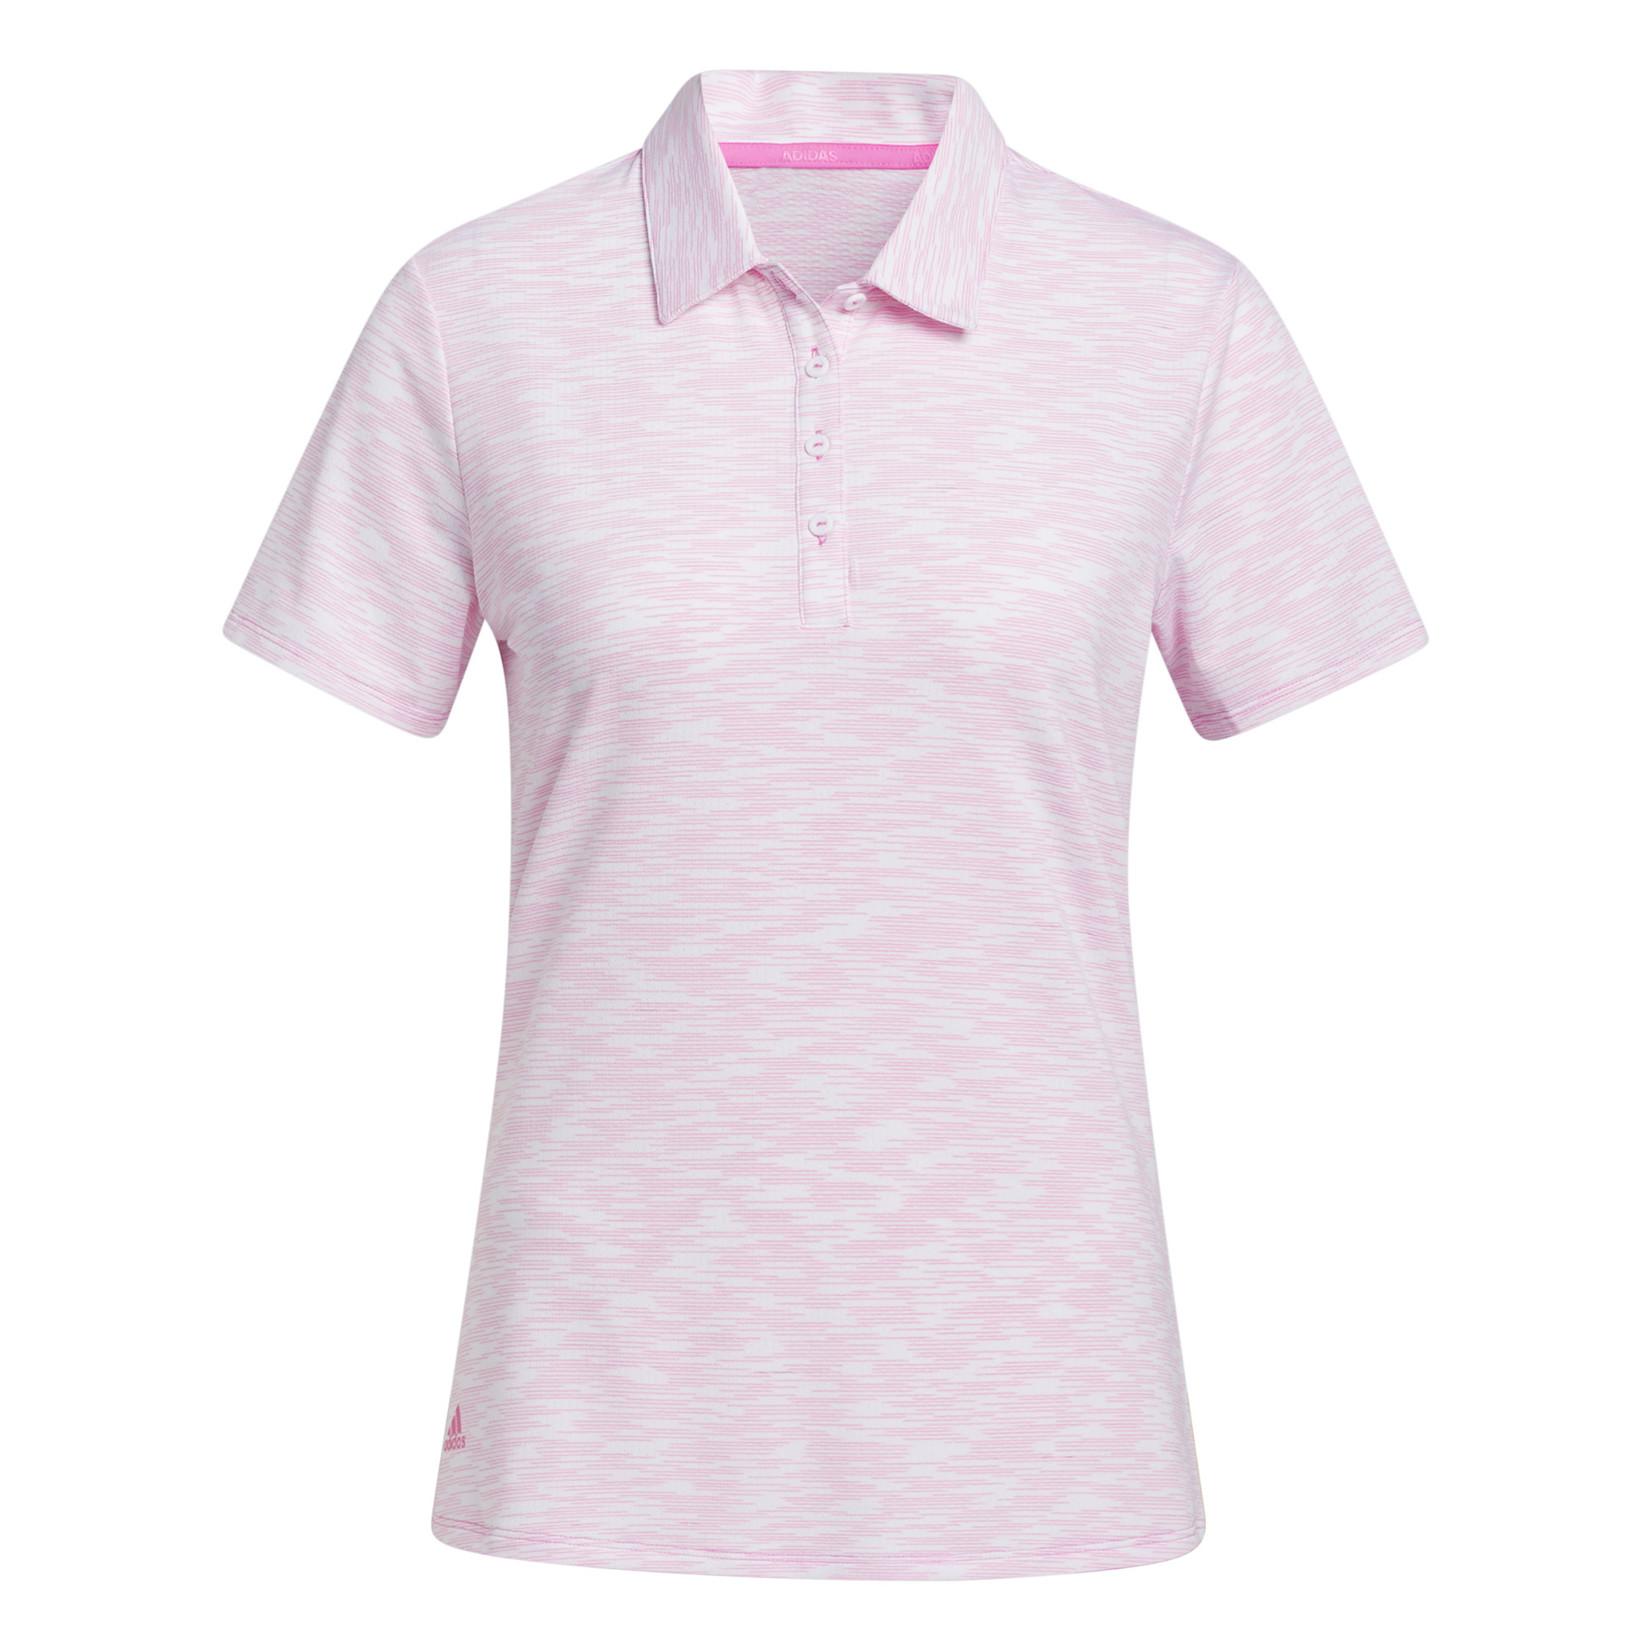 Adidas Adidas W Spacedye Polo - White/Pink